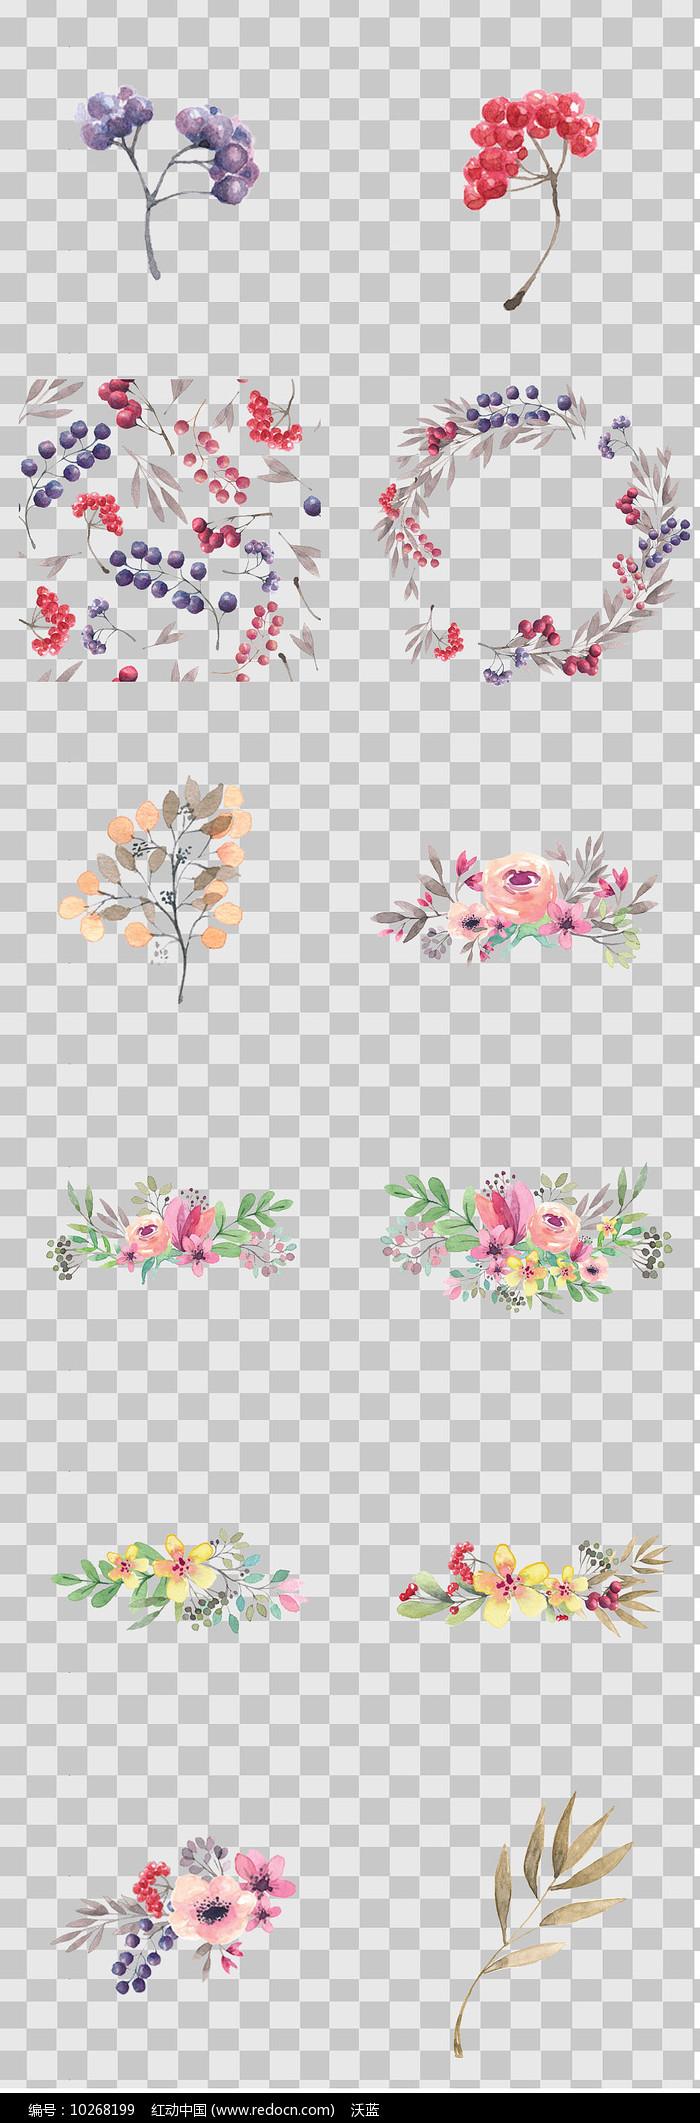 唯美森系植物素材图片